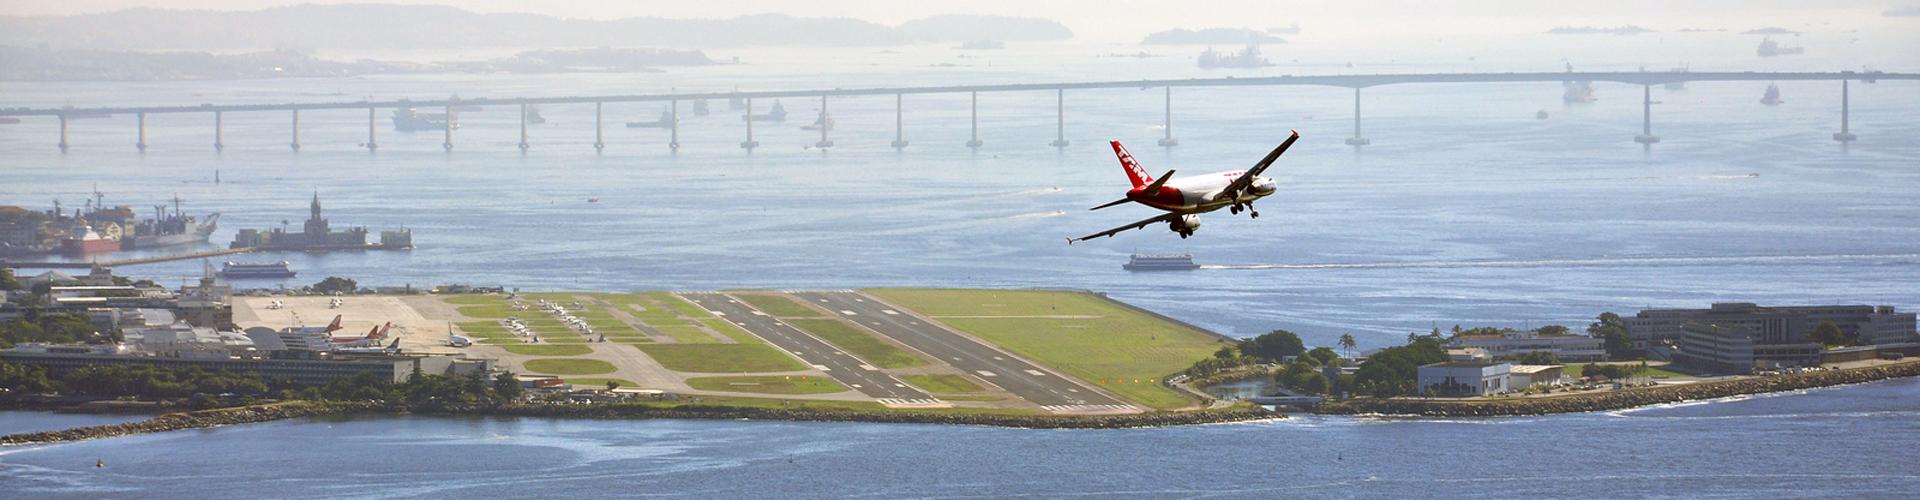 Aeroporto Santos Dumont Telefone : Notícias guia do bairro de copacabana o º em